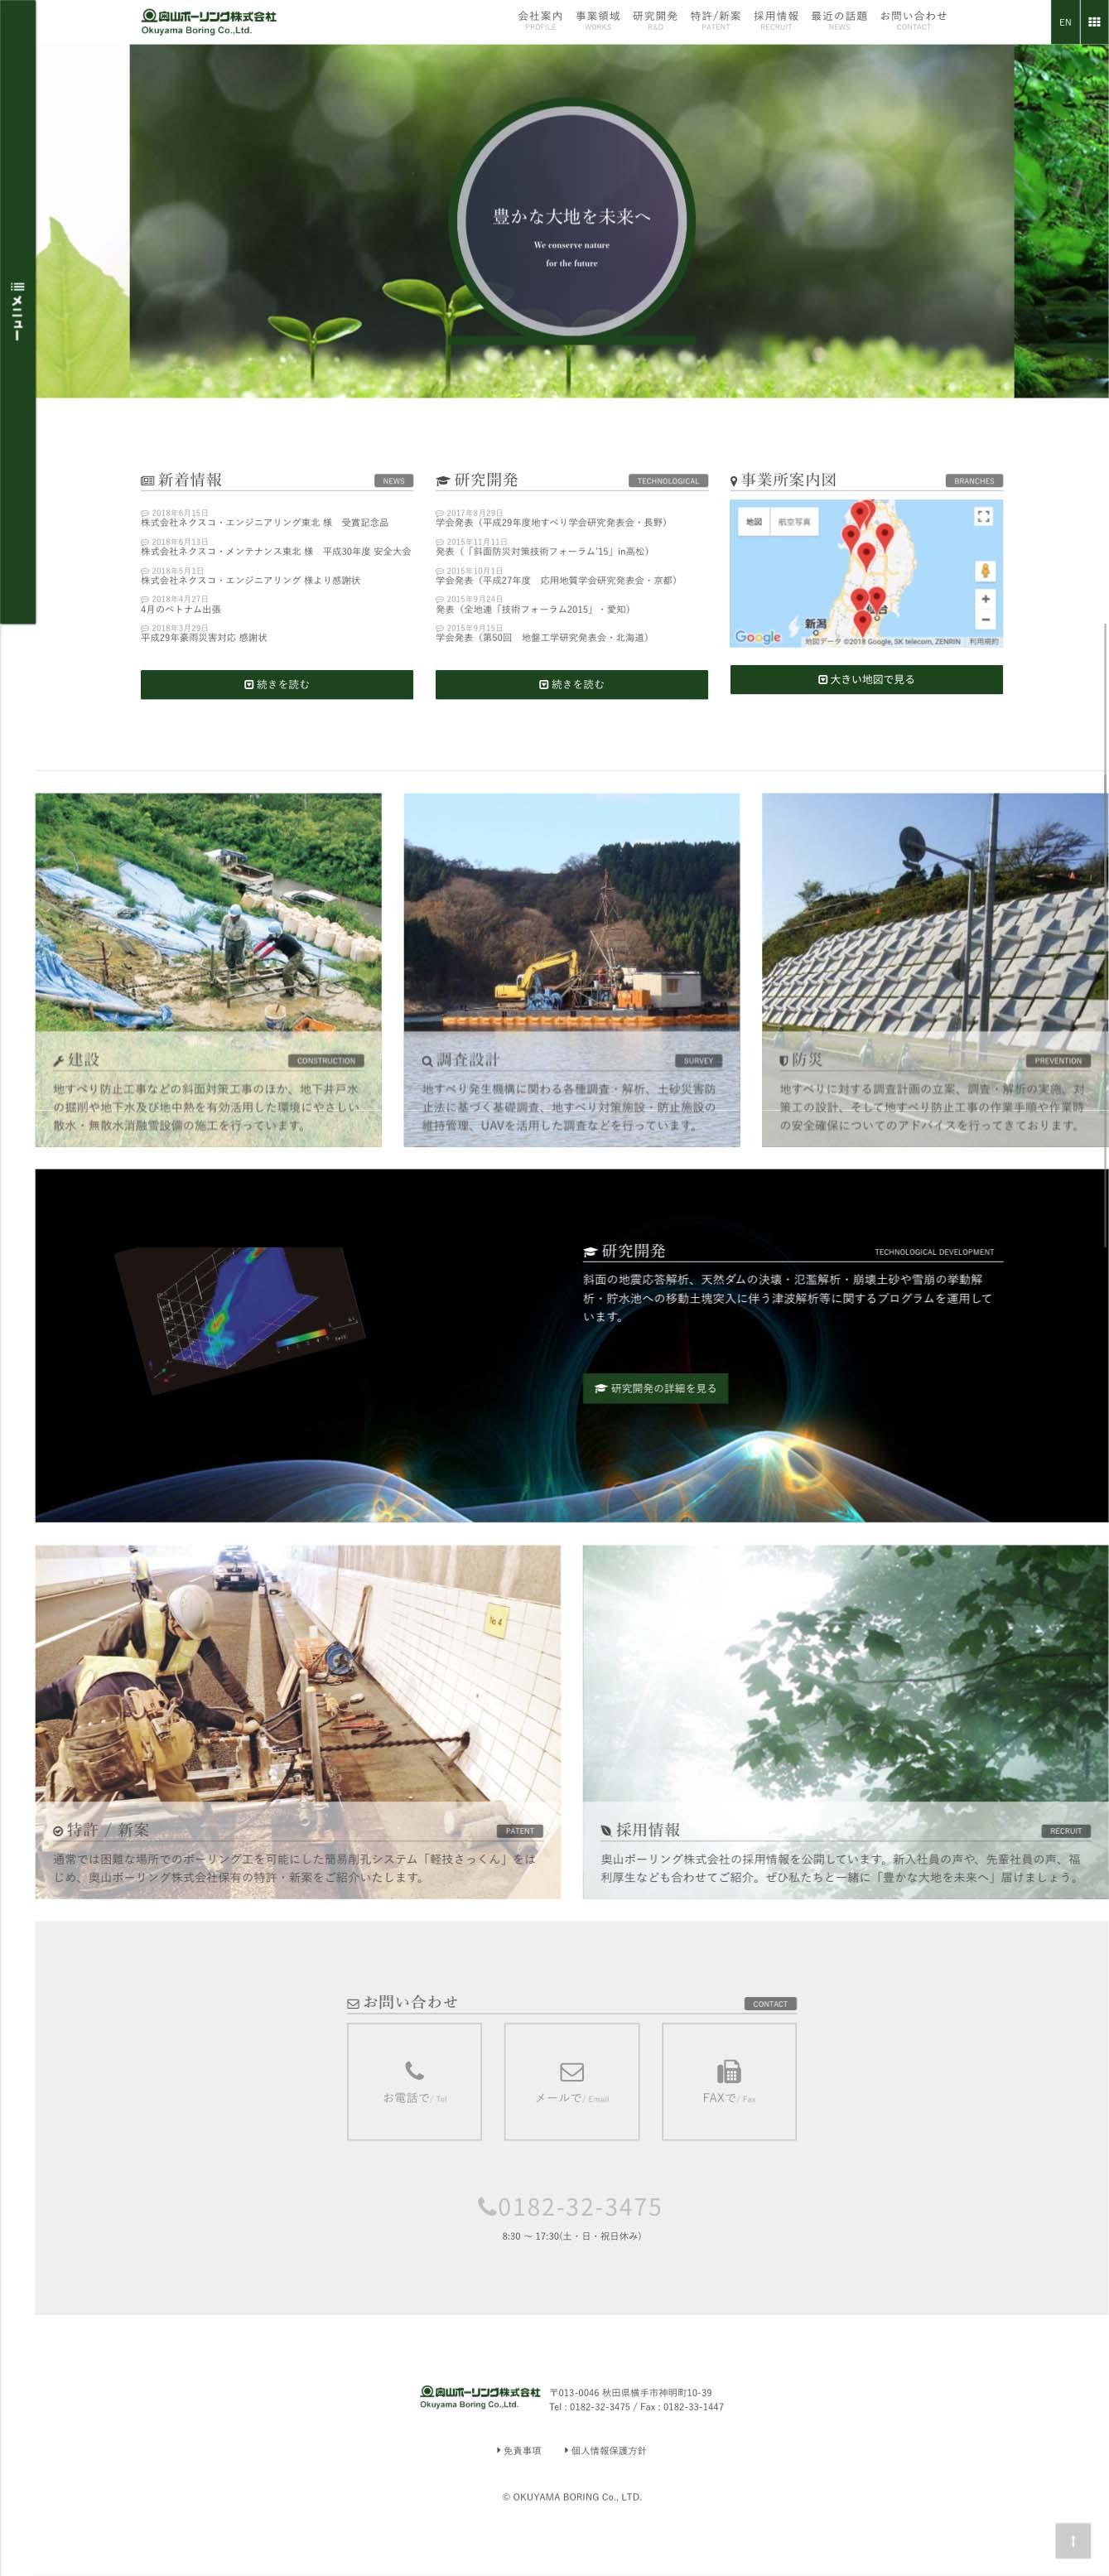 奥山ボーリングPCのイメージ